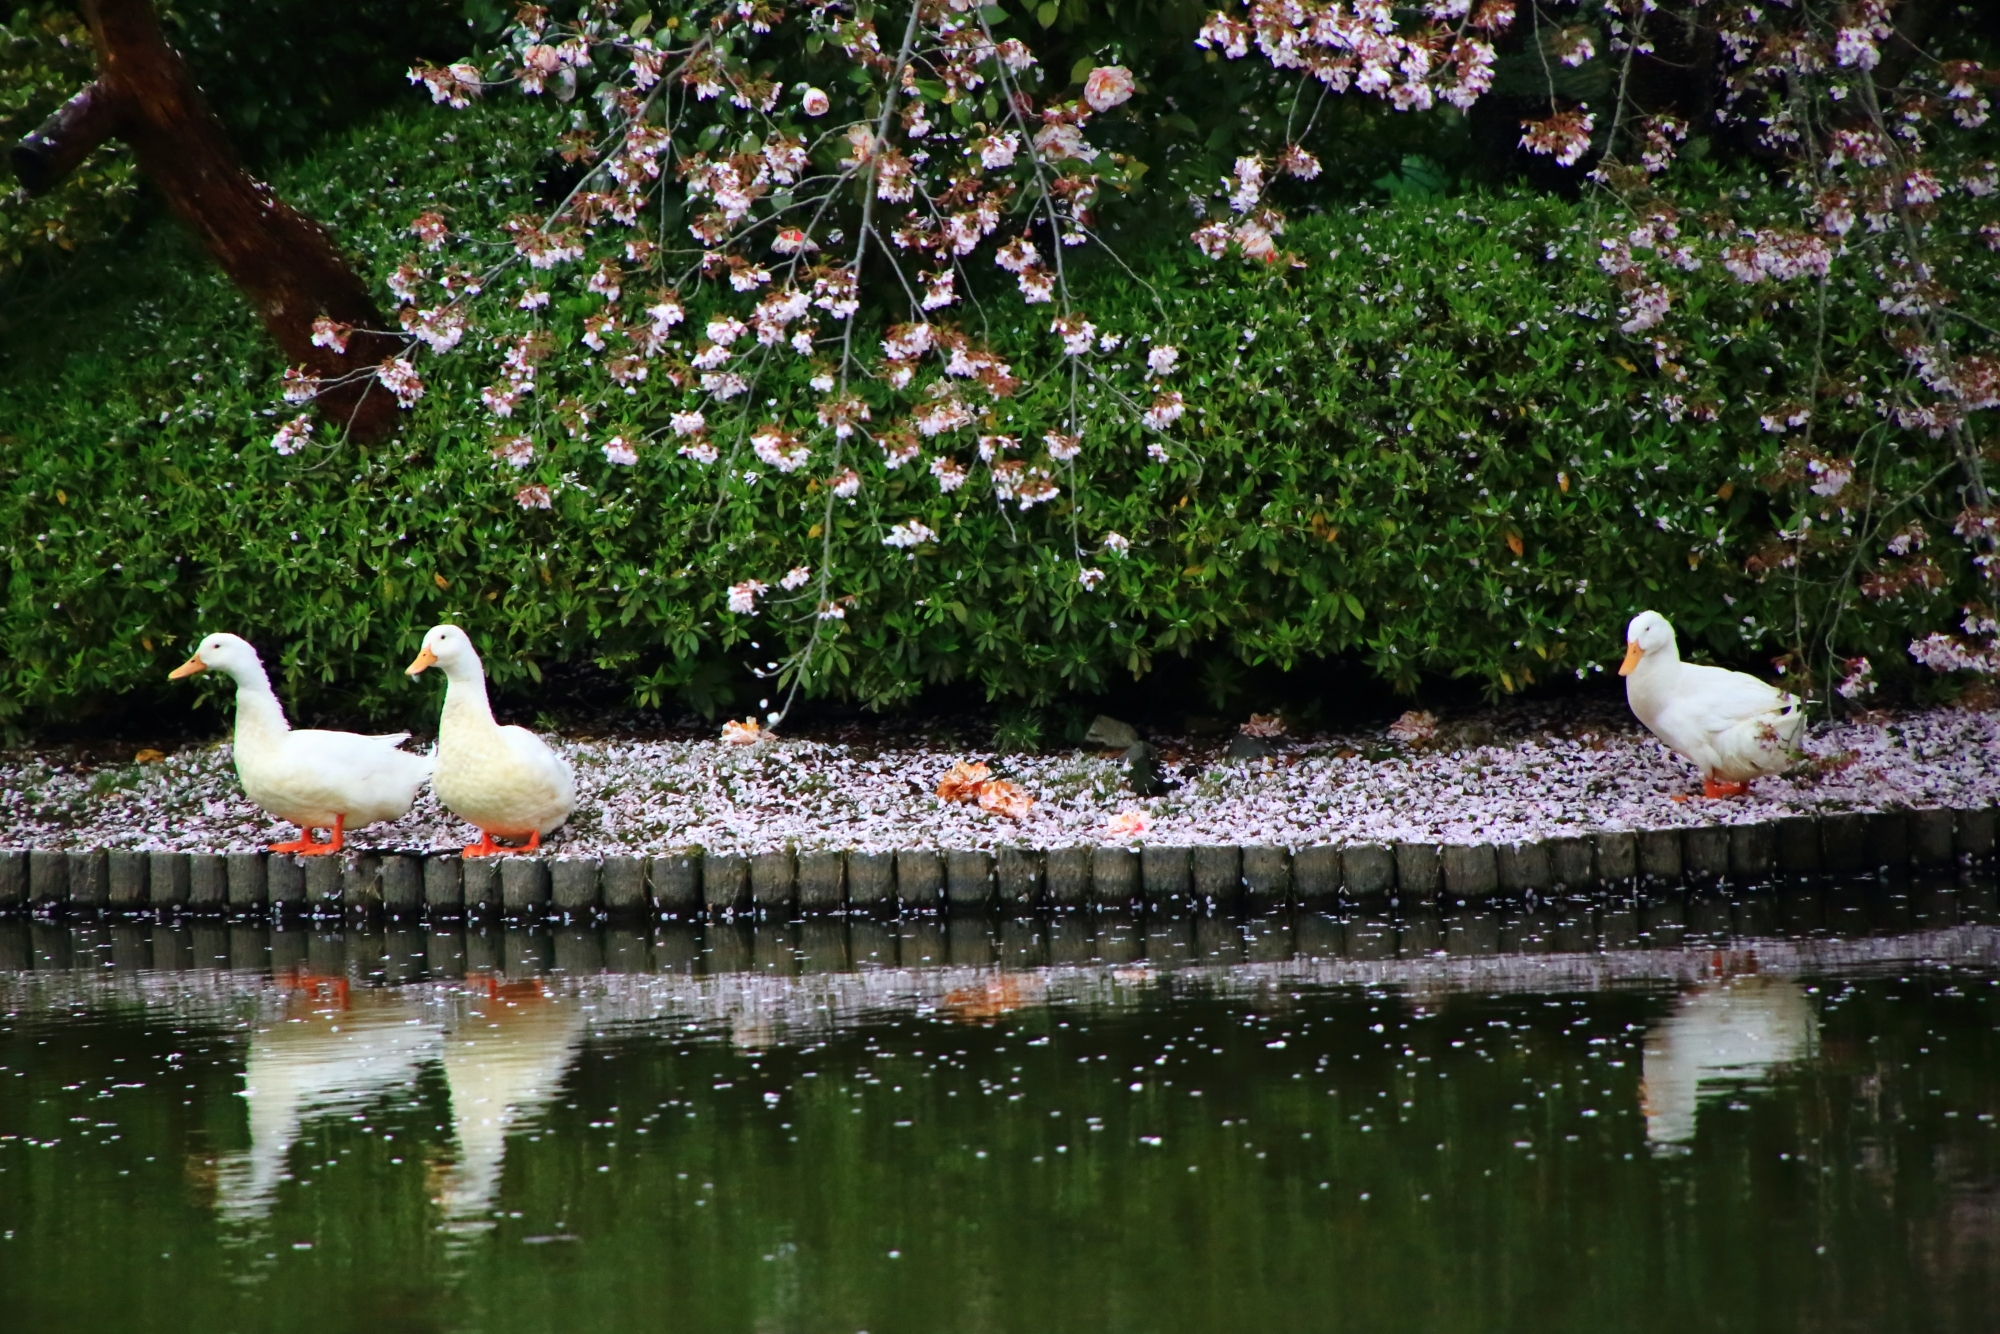 龍安寺の散り桜の上で戯れるアヒル